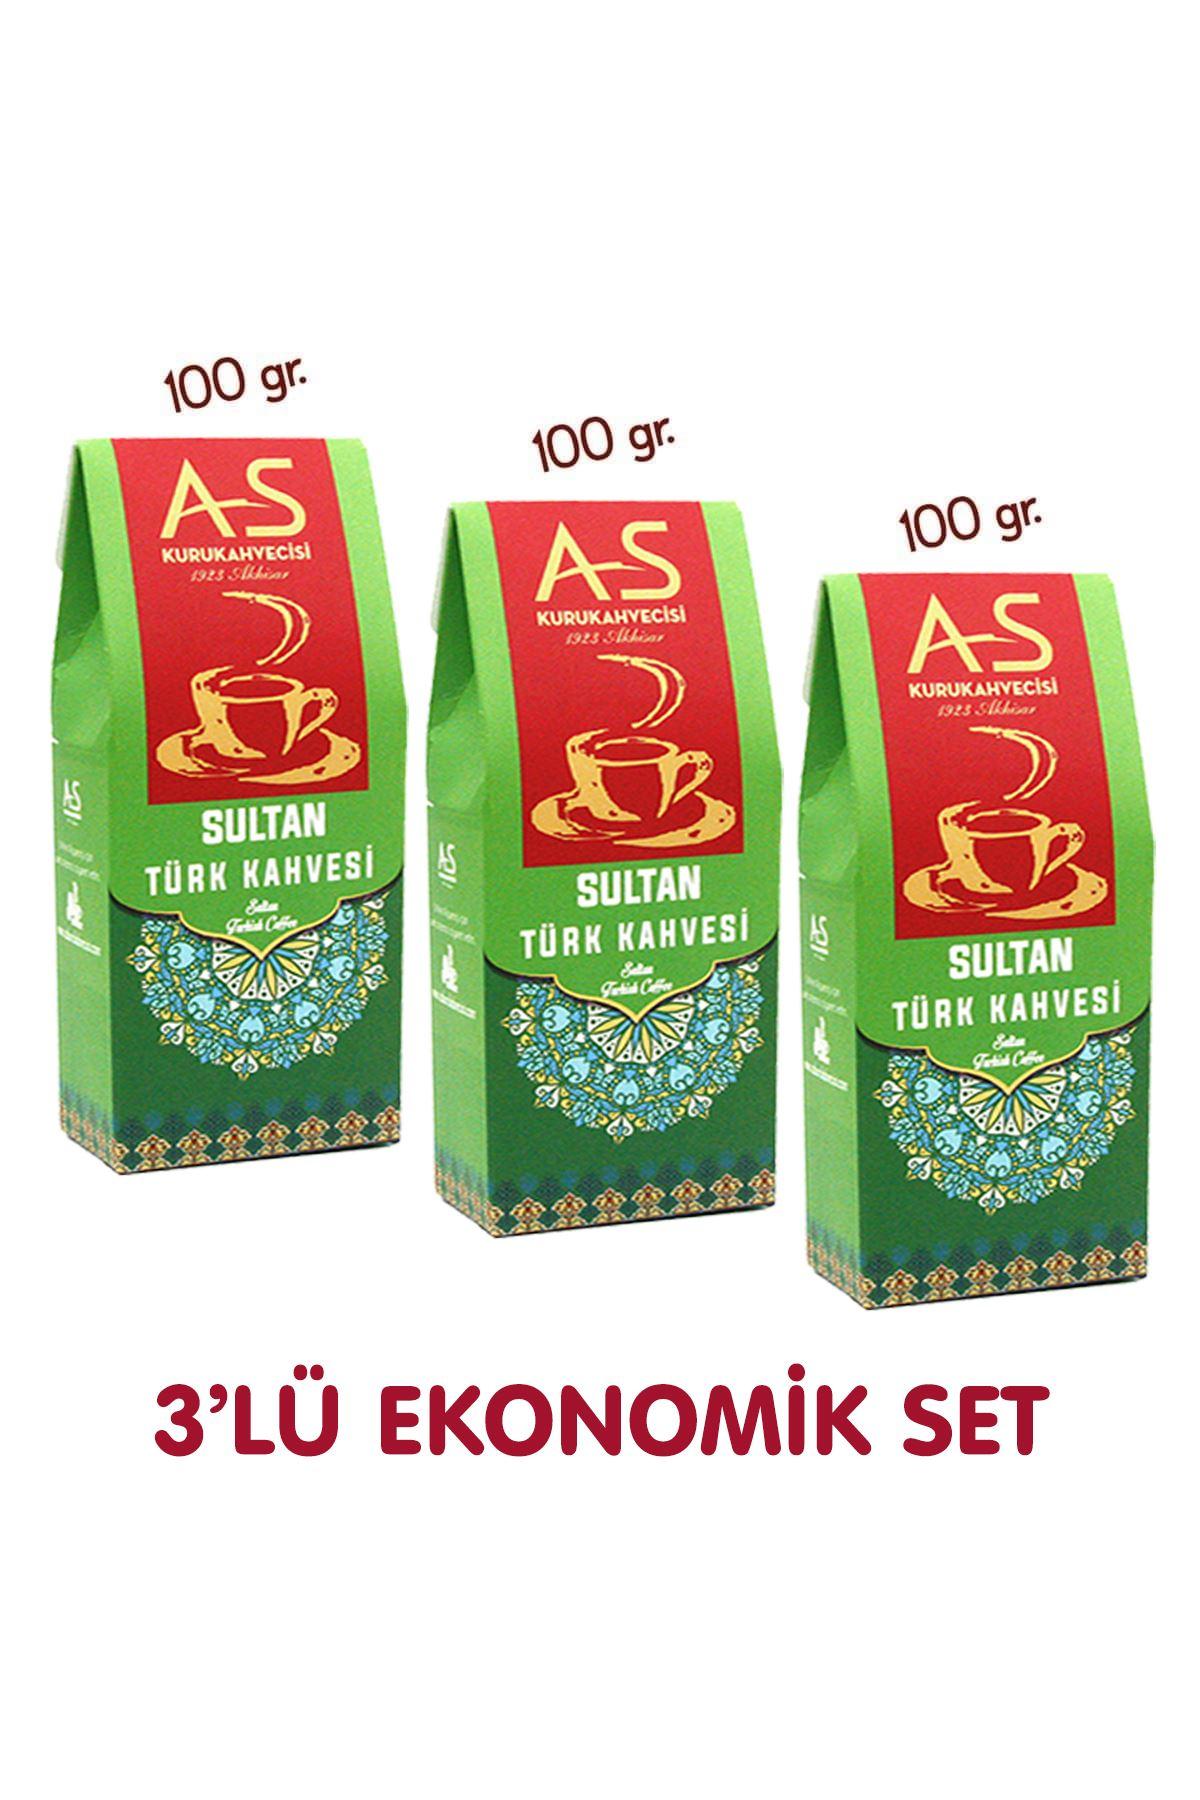 3'lü Sultan Türk Kahvesi Ekonomik Set